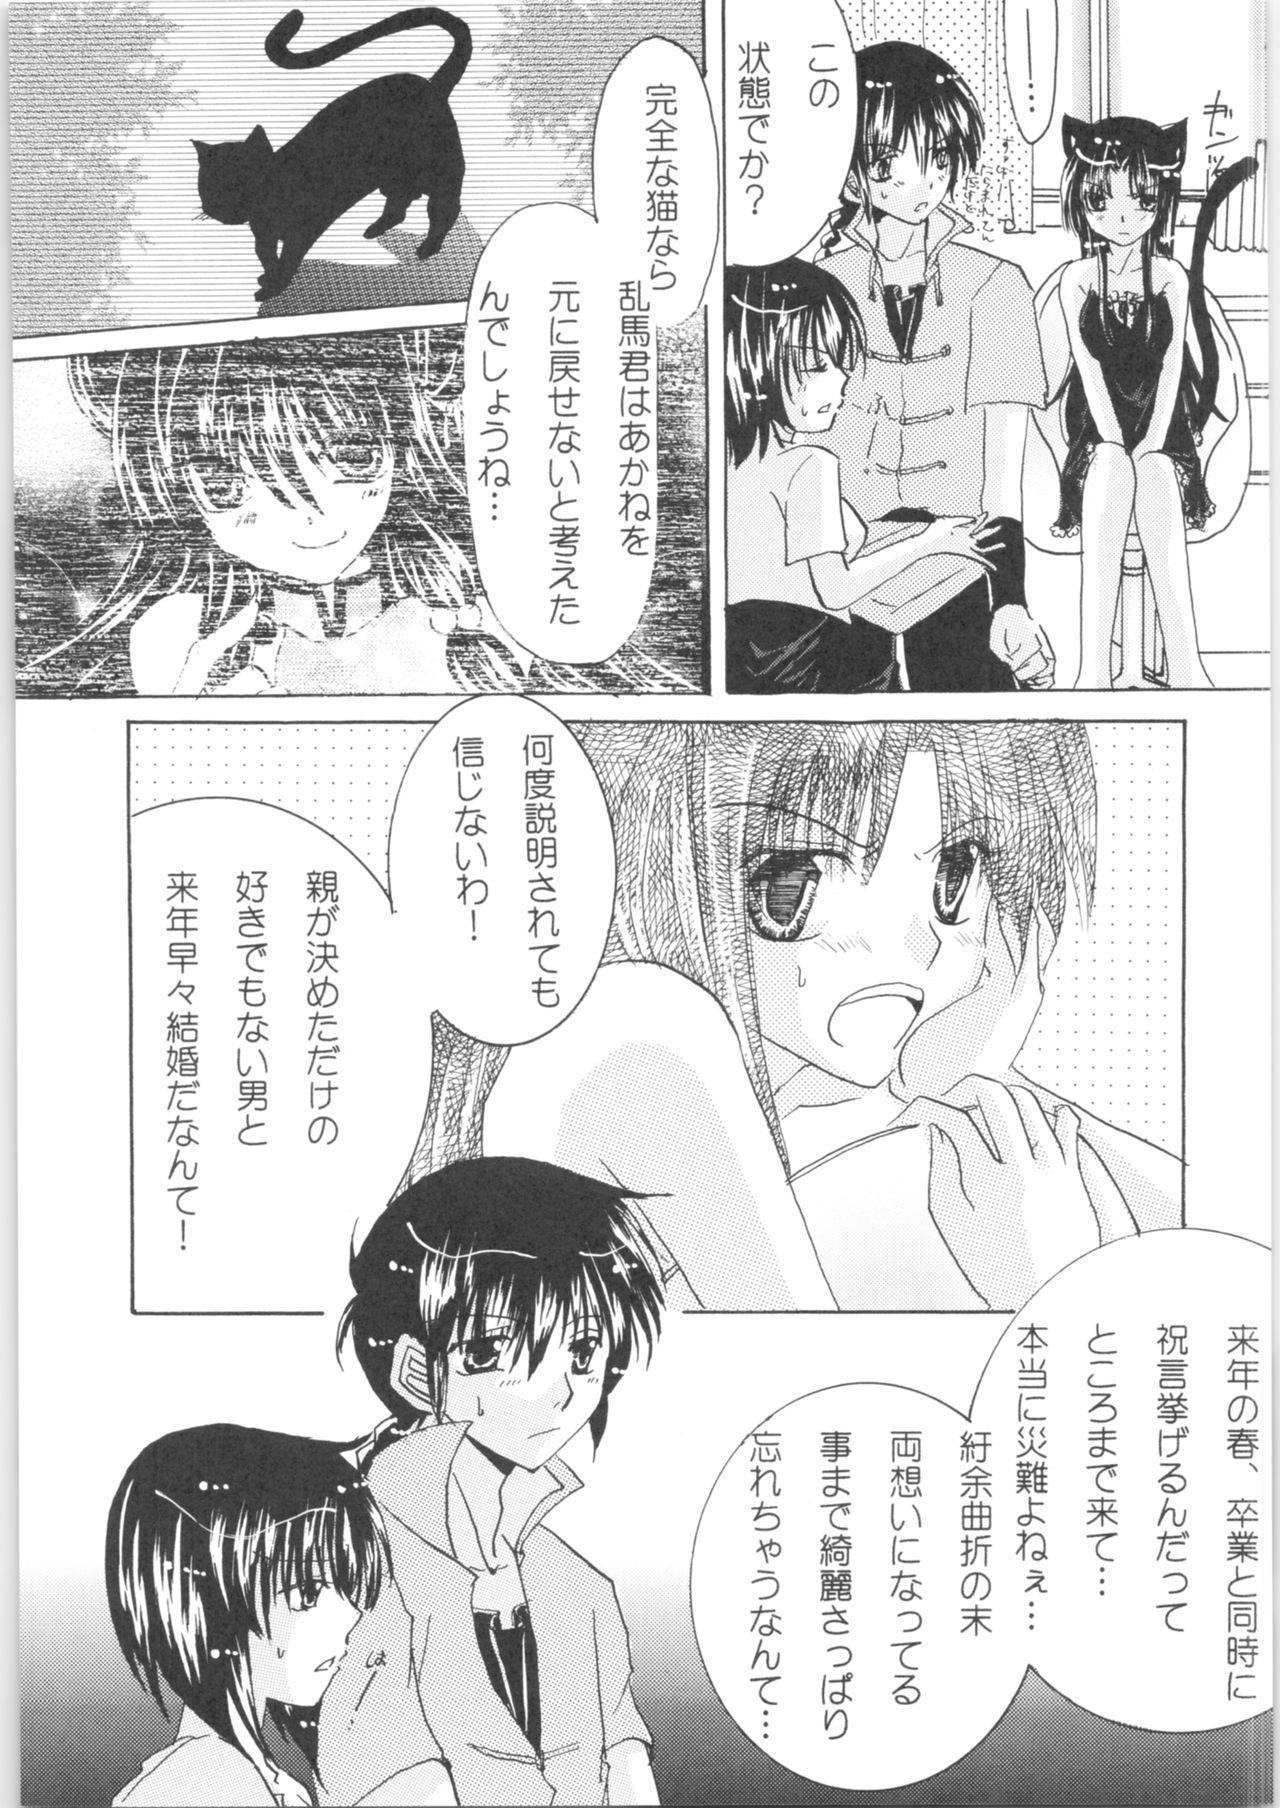 Iinazuke ga Neko ni Narimashite. 7